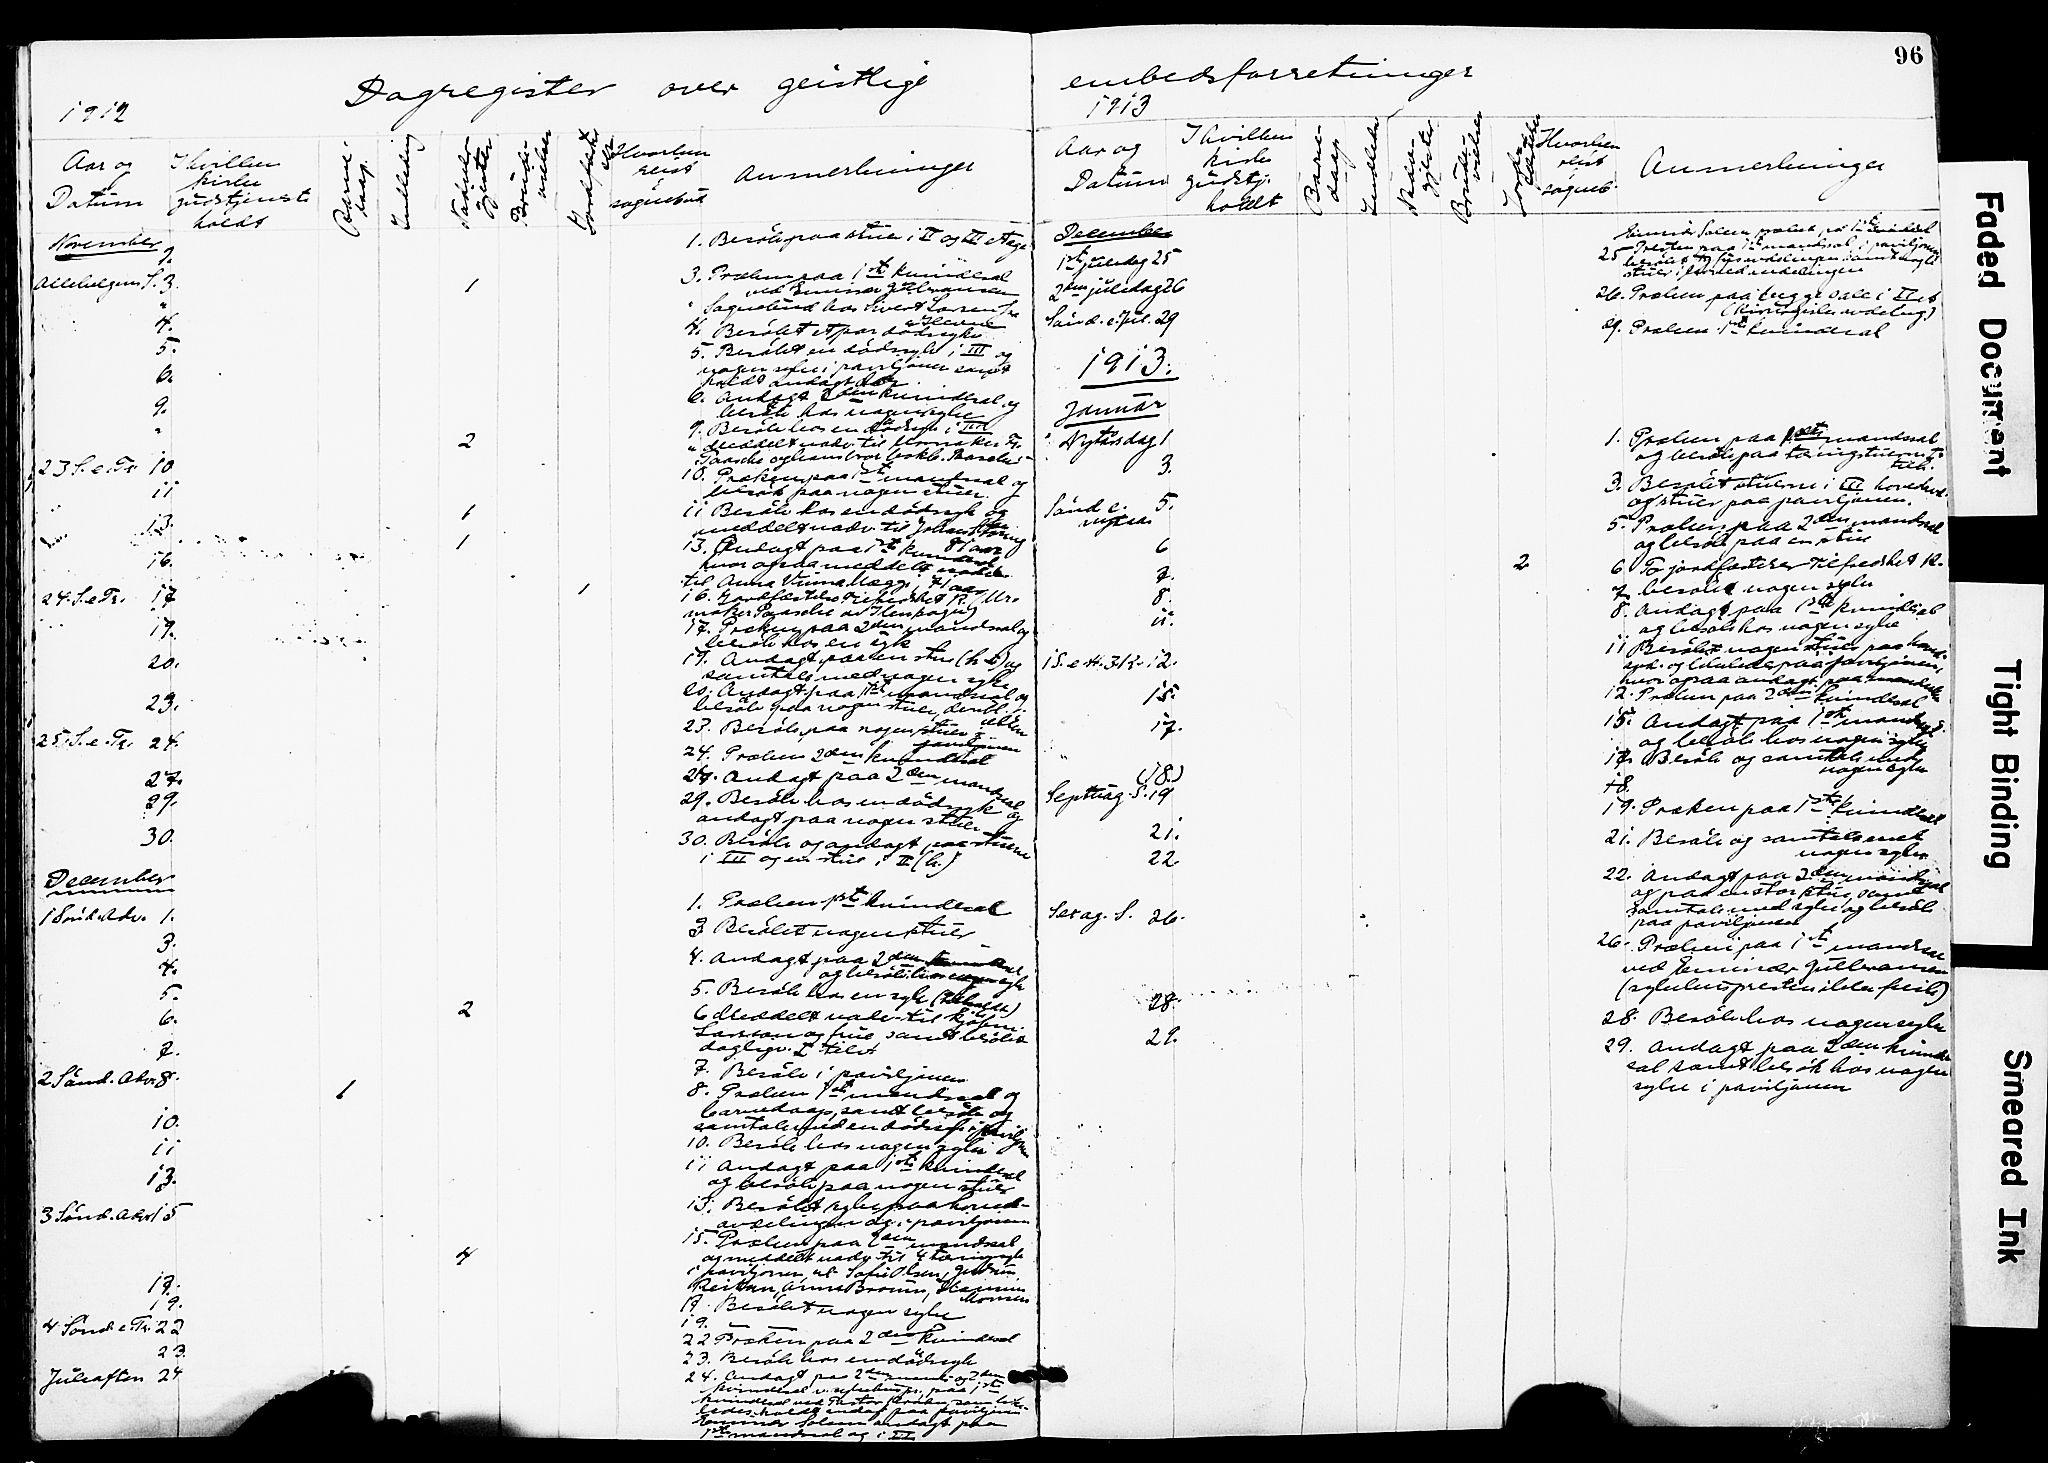 SAT, Ministerialprotokoller, klokkerbøker og fødselsregistre - Sør-Trøndelag, 628/L0483: Ministerialbok nr. 628A01, 1902-1920, s. 96